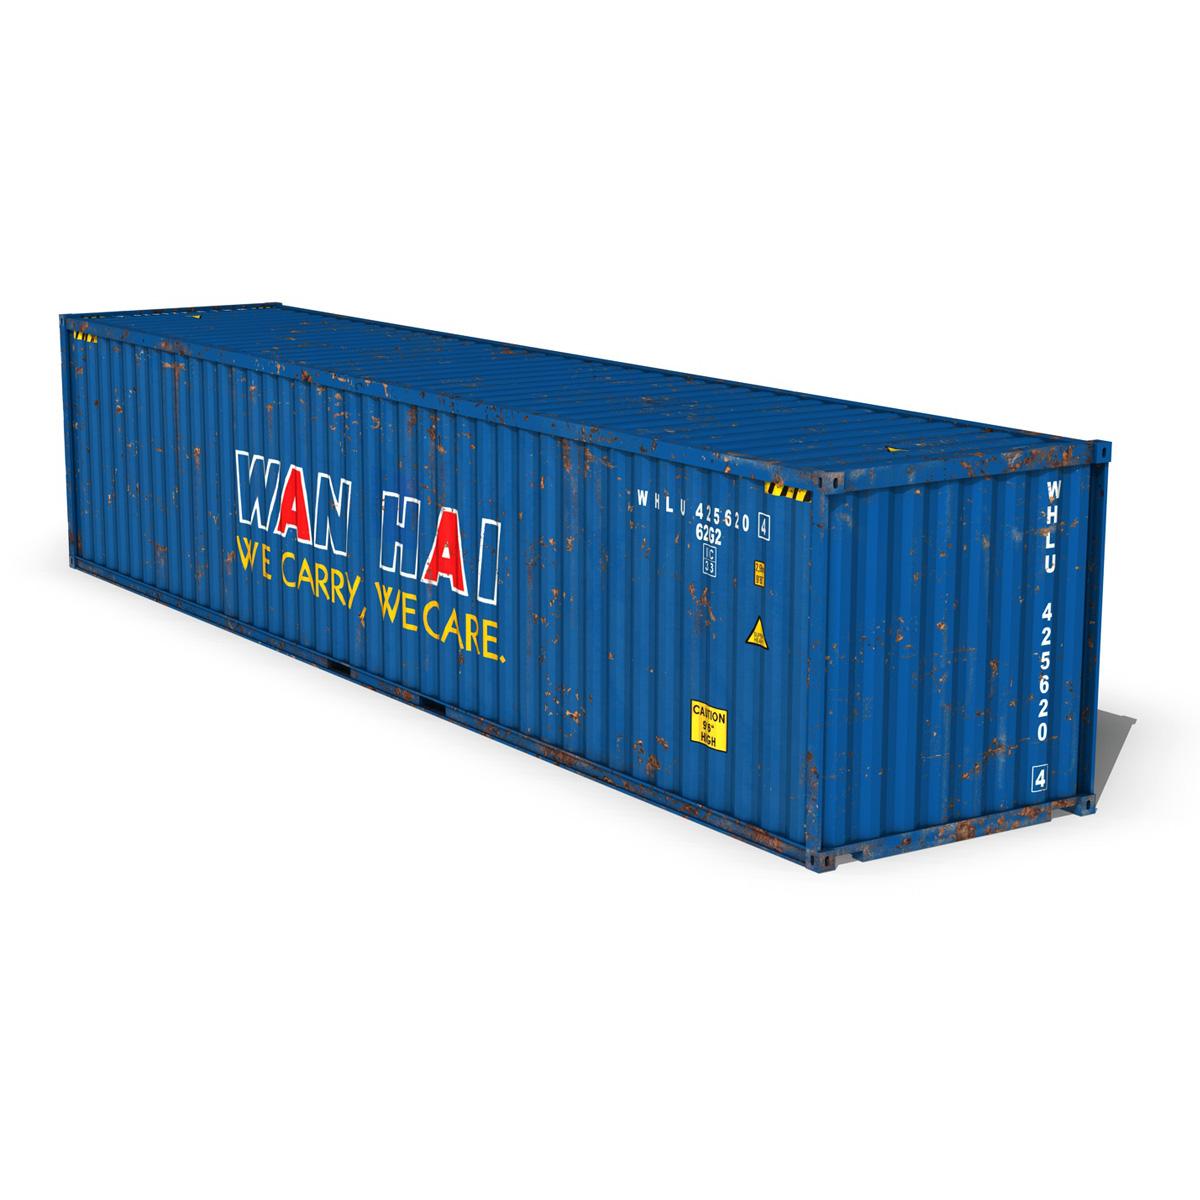 40ft тээврийн чингэлэг - Xan Xian 3d загвар 3ds fbx II lws о о о c4d 265153